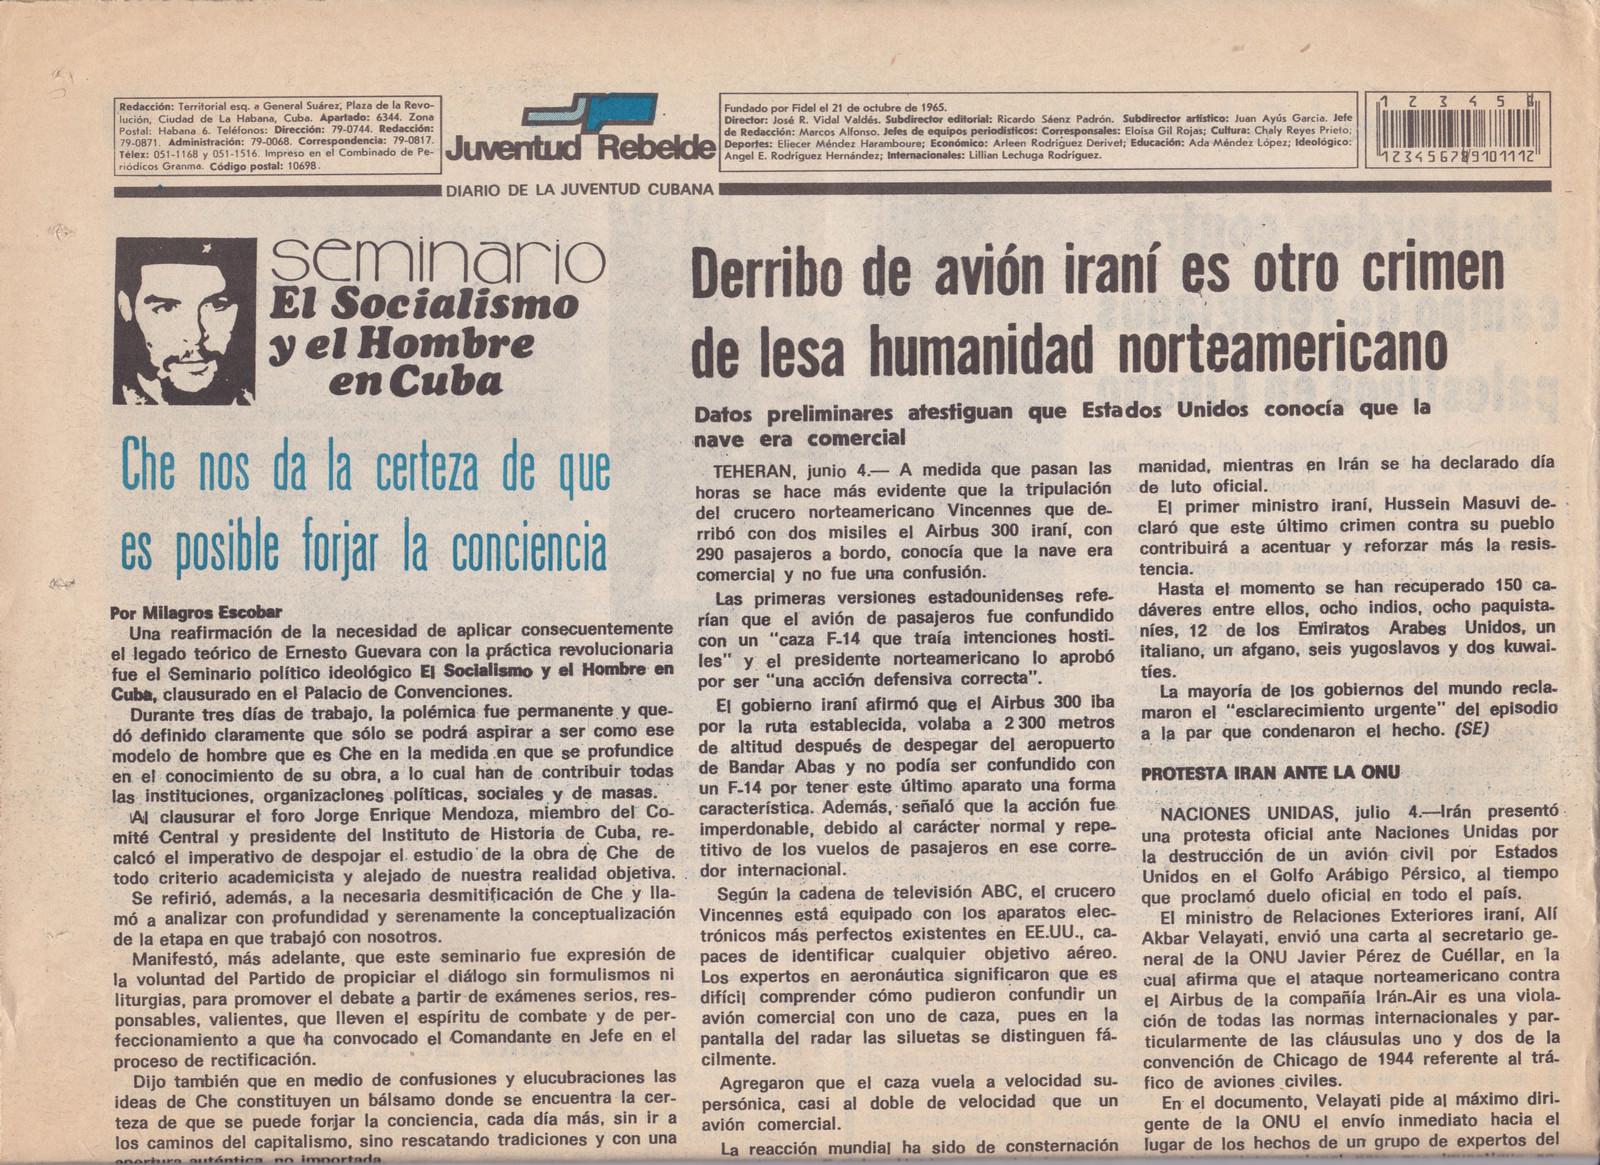 1988. Статья из газеты «Juventud Rebelde»